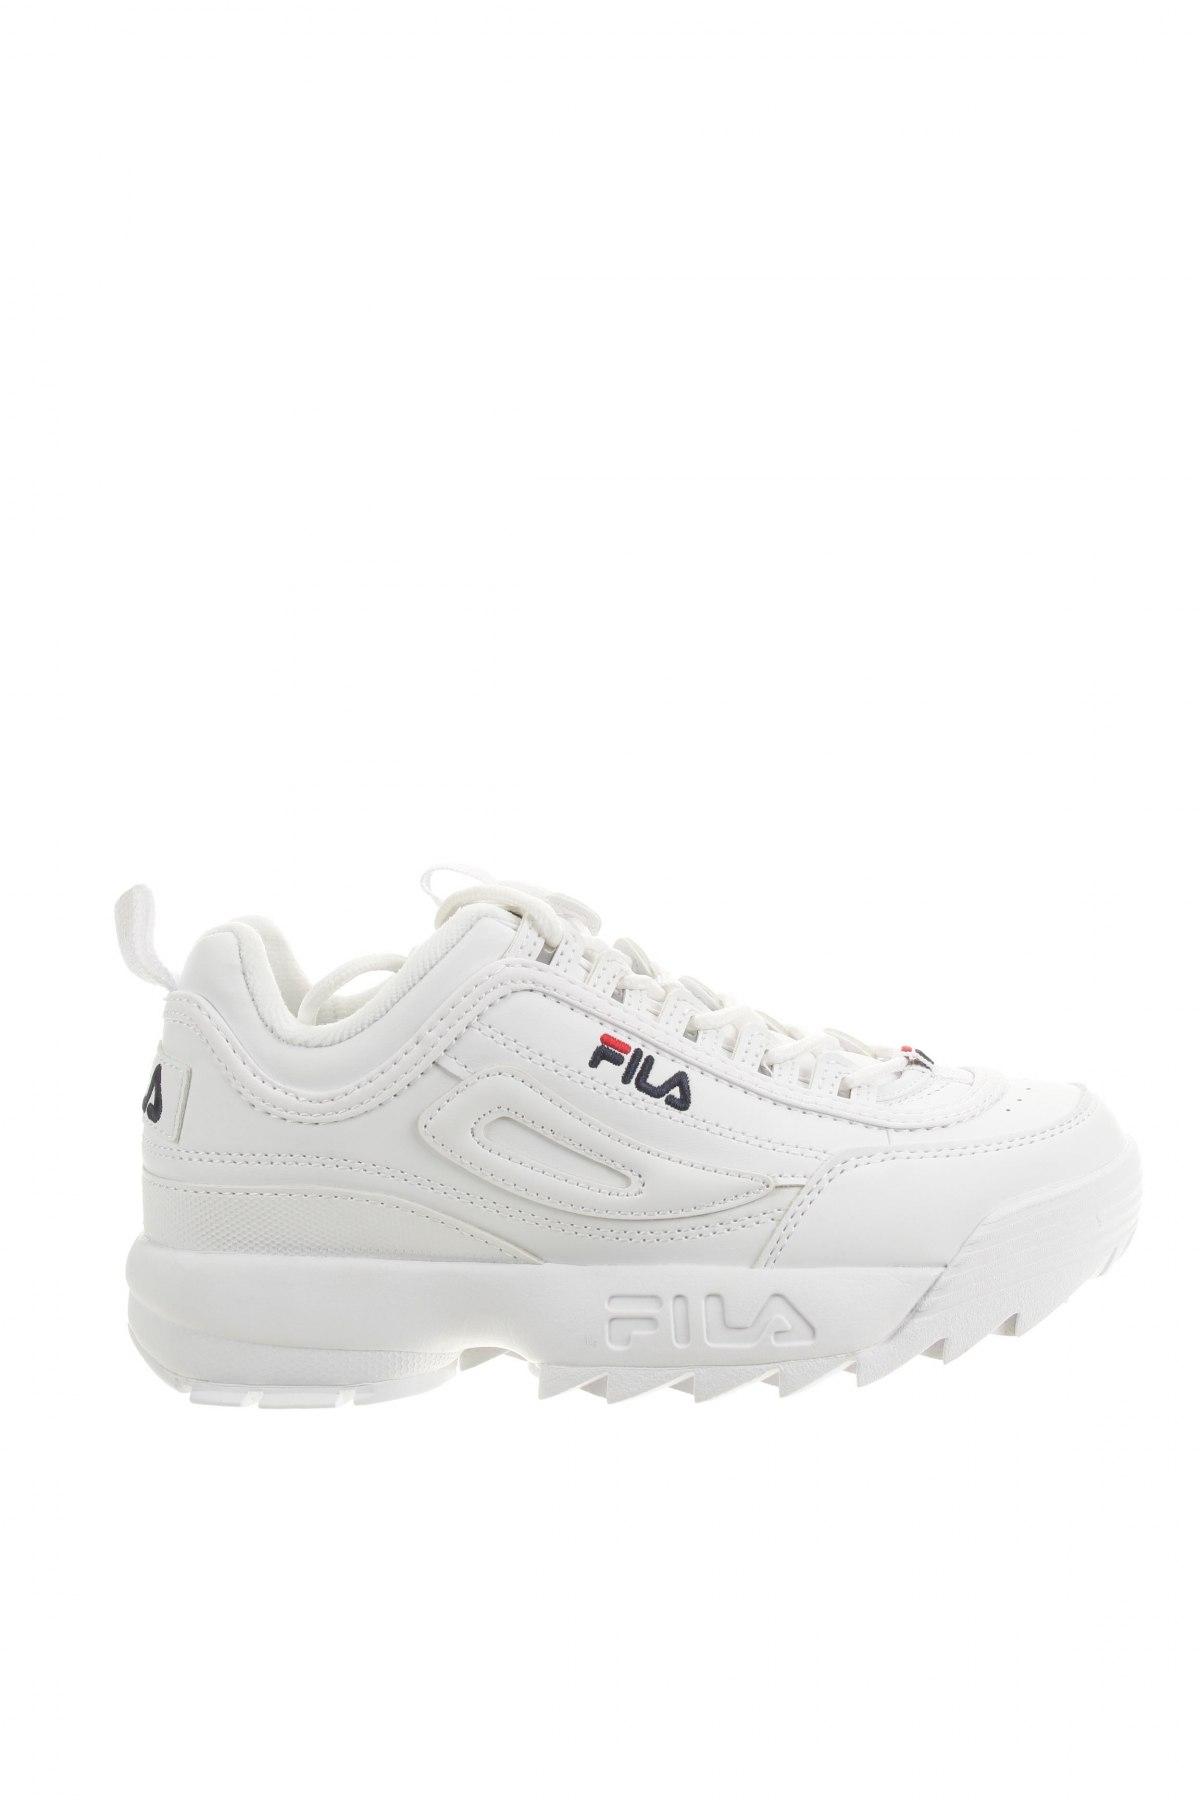 19242715c8082 Dámske topánky Fila - za výhodnú cenu na Remix - #101679616